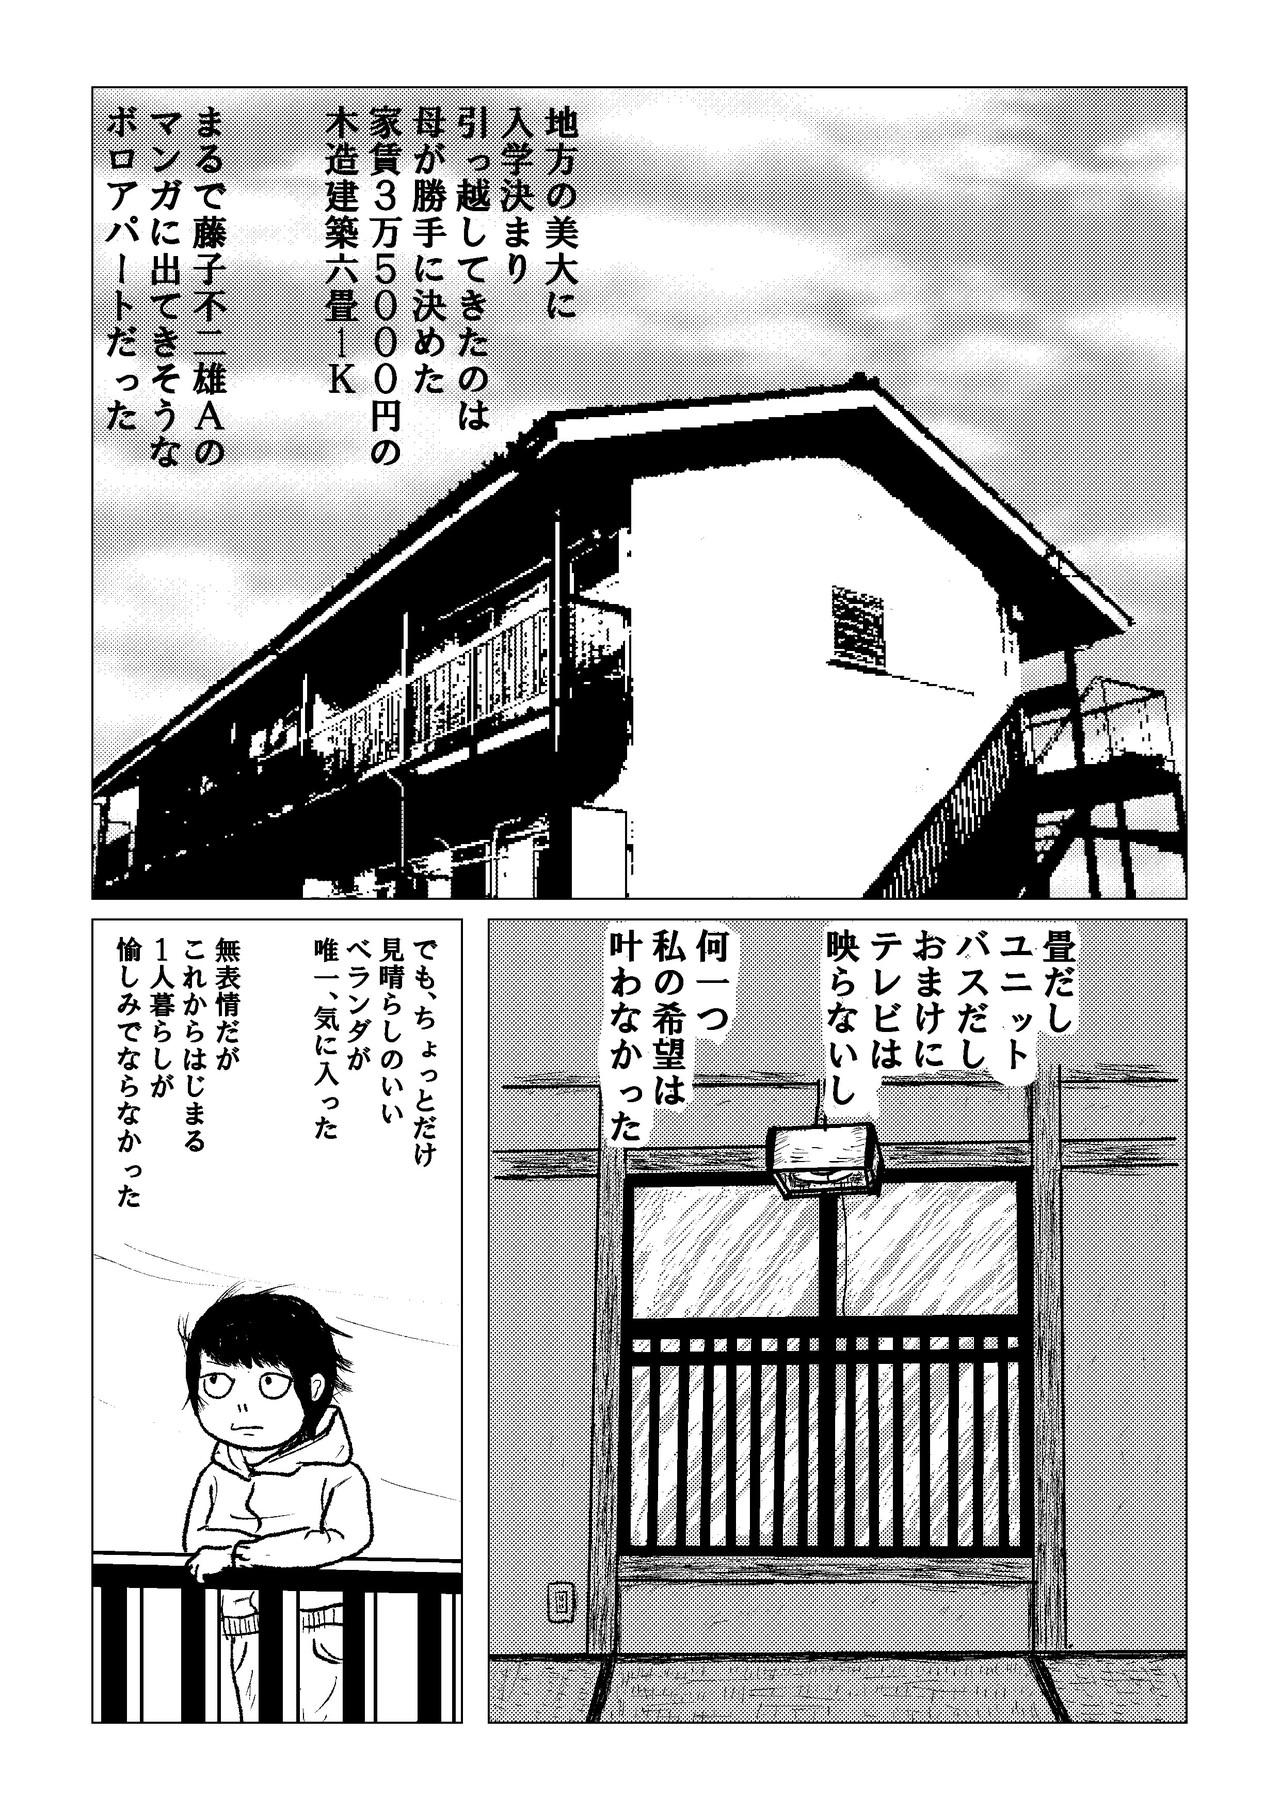 作:ETSU  原作:小説「新生活は嵐の予感」ETSU